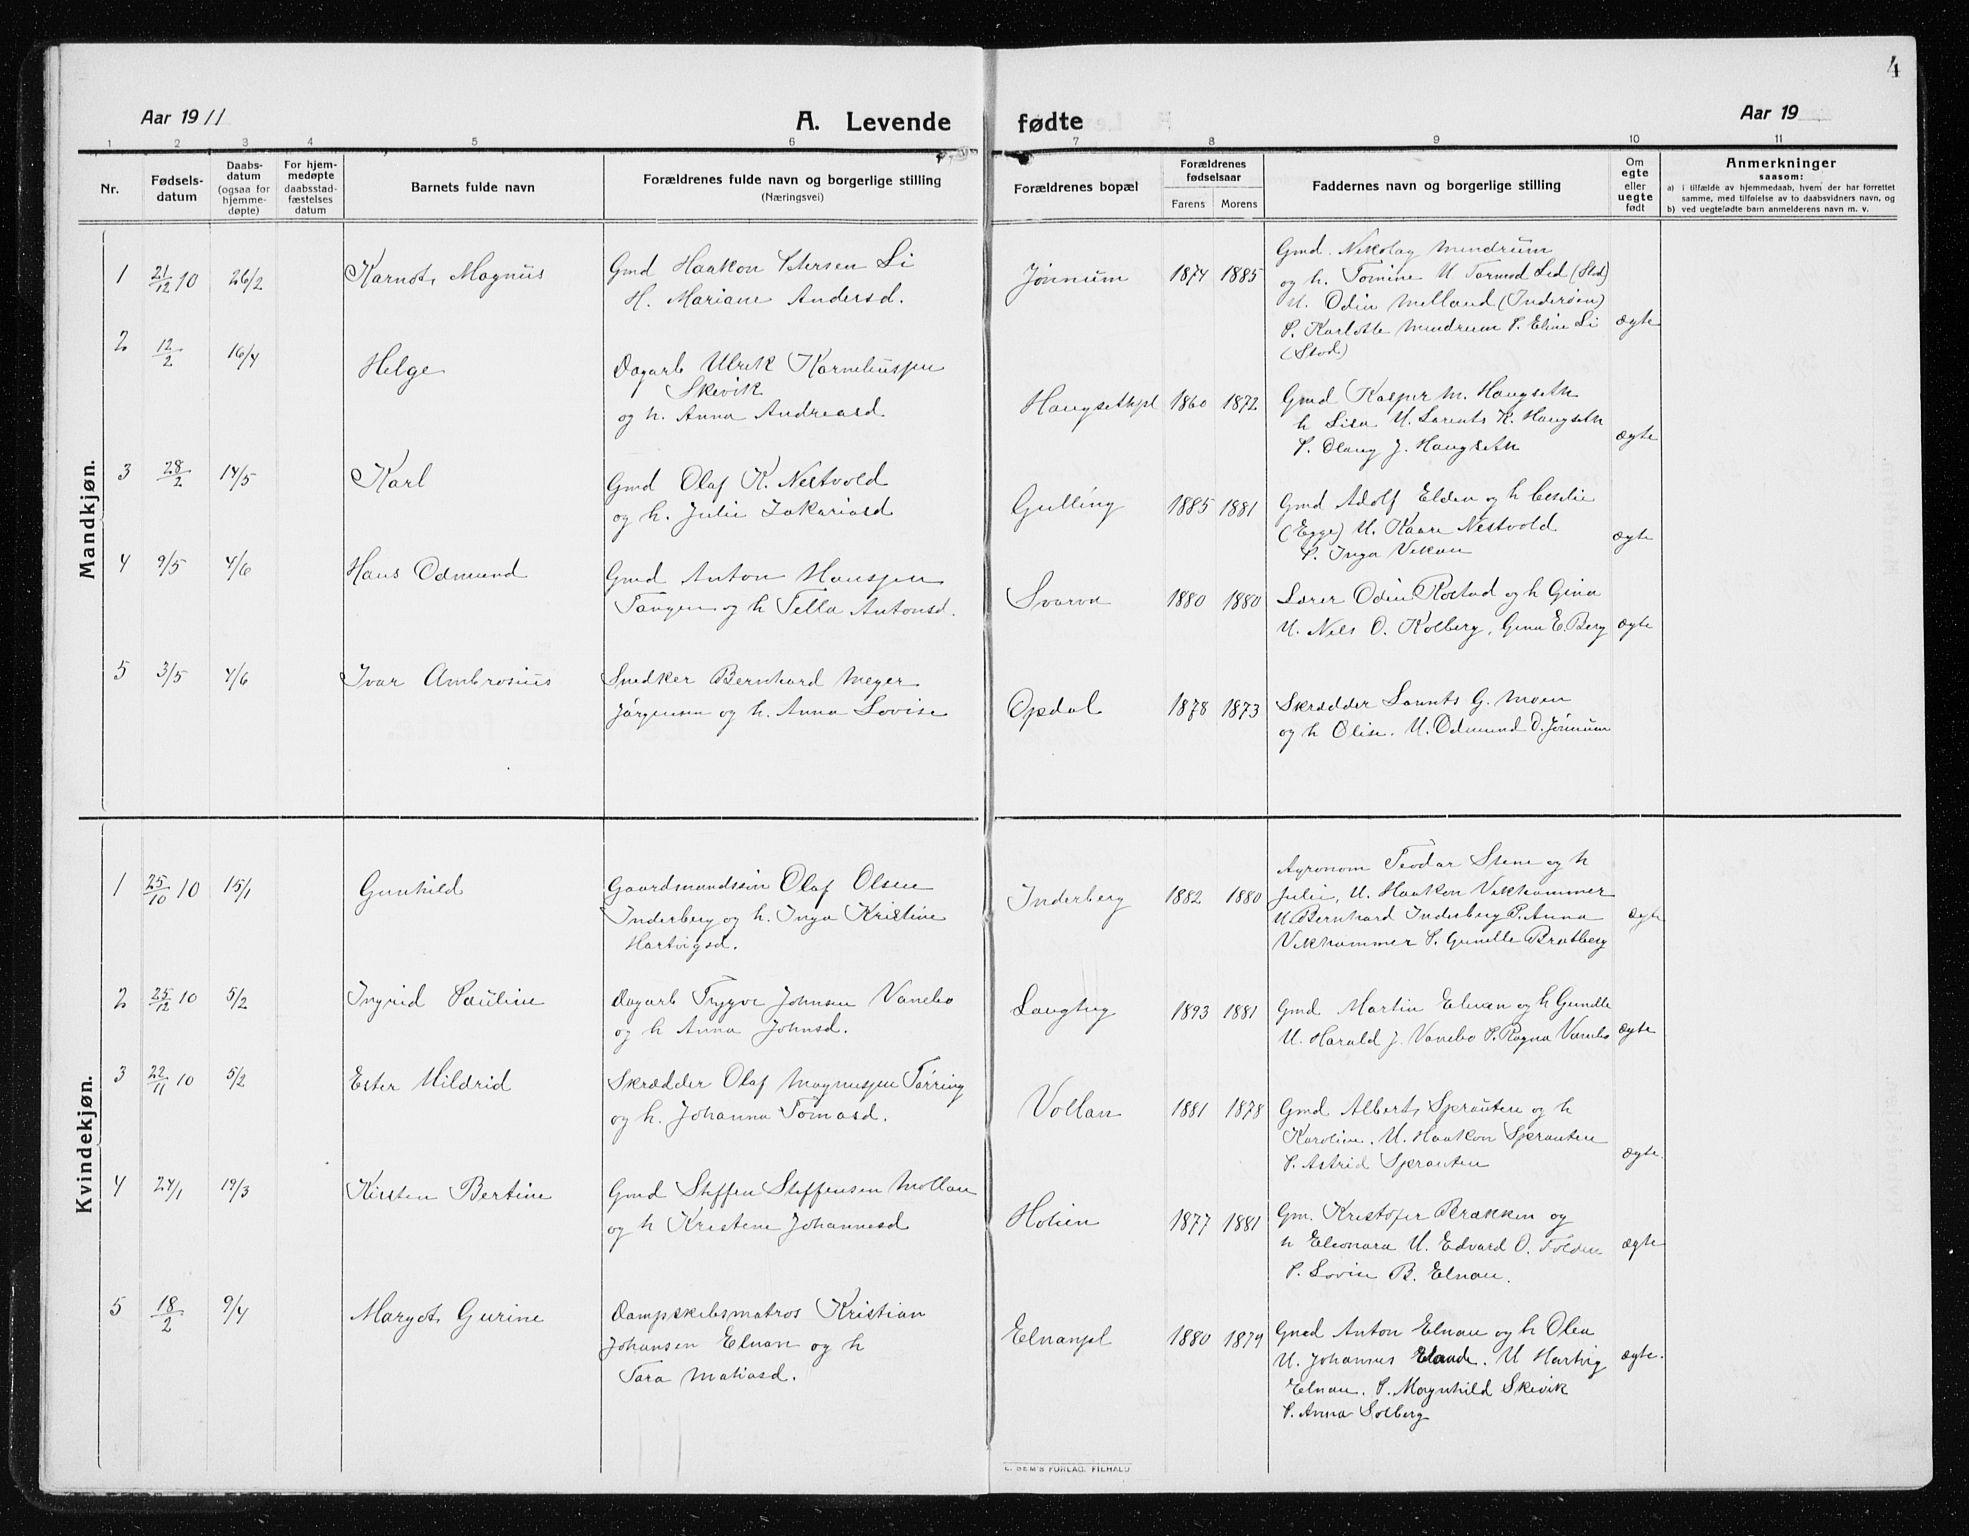 SAT, Ministerialprotokoller, klokkerbøker og fødselsregistre - Nord-Trøndelag, 741/L0402: Klokkerbok nr. 741C03, 1911-1926, s. 4